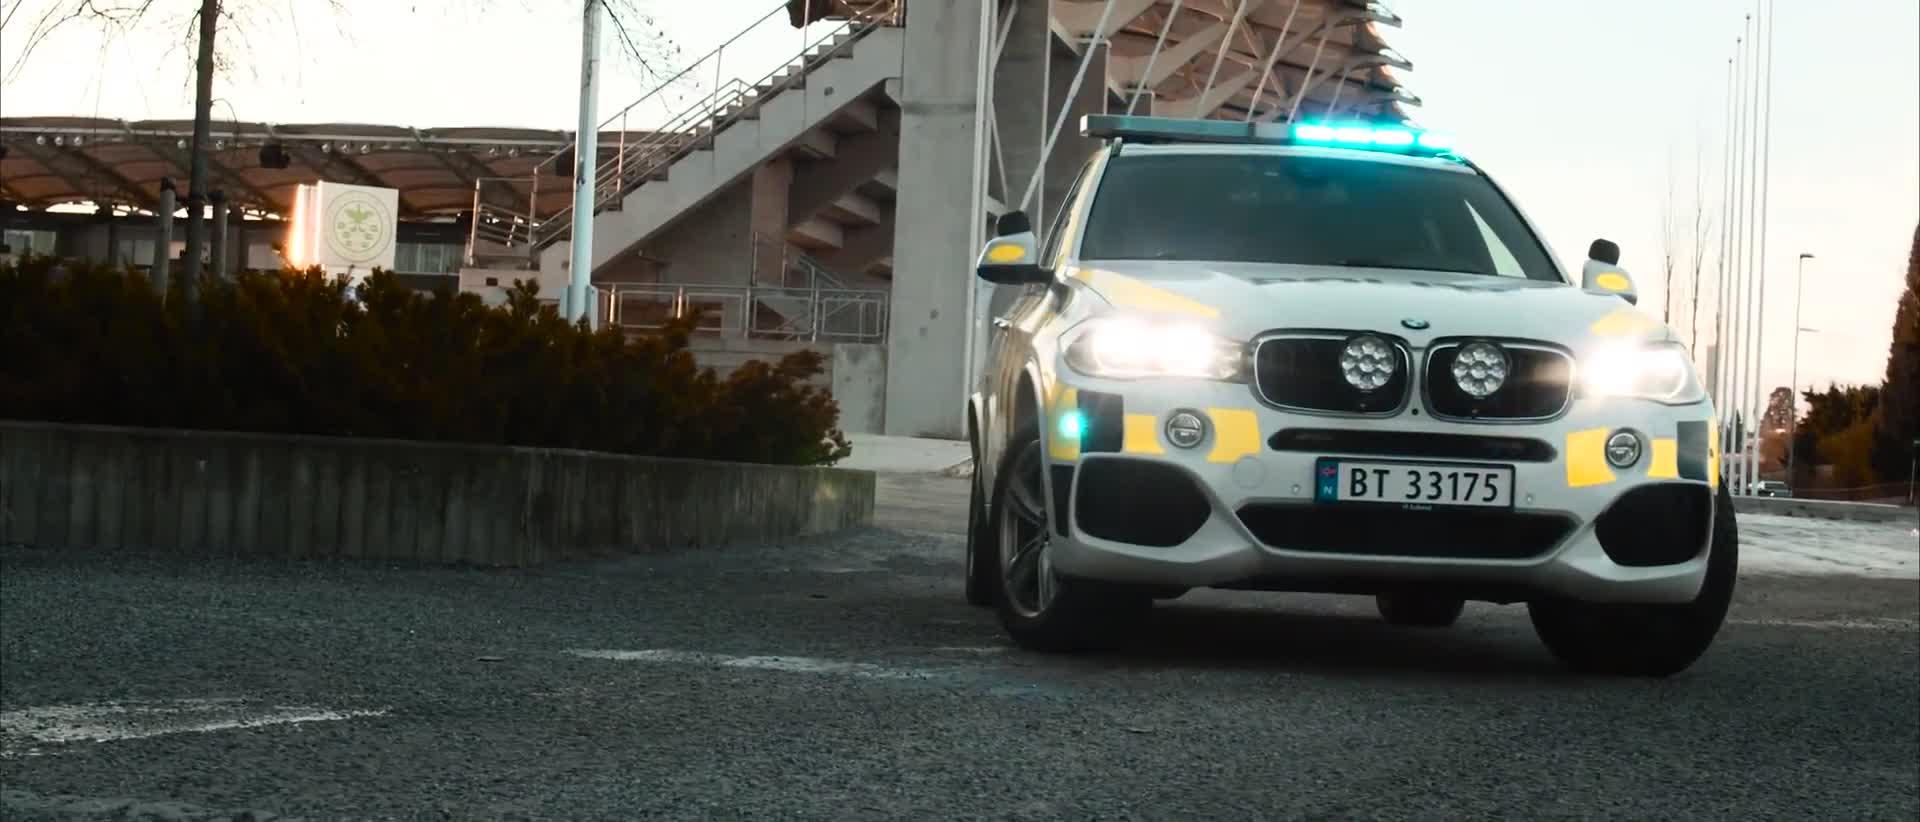 BMW X5 biến thành xe cảnh sát sẽ ngầu như thế nào?